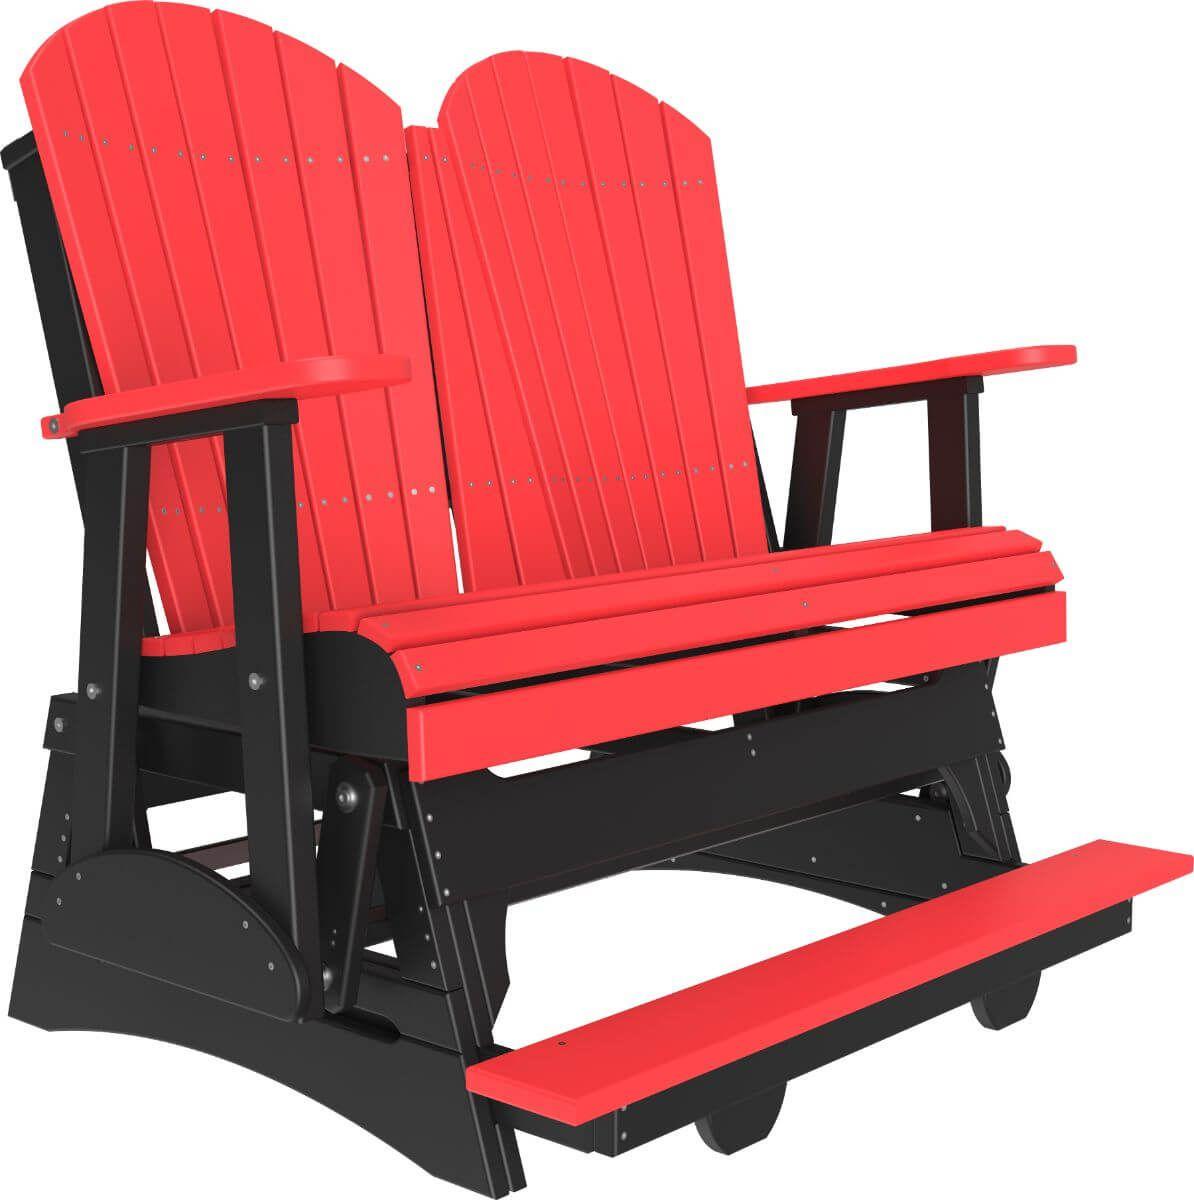 Red and Black Tahiti Loveseat Balcony Glider